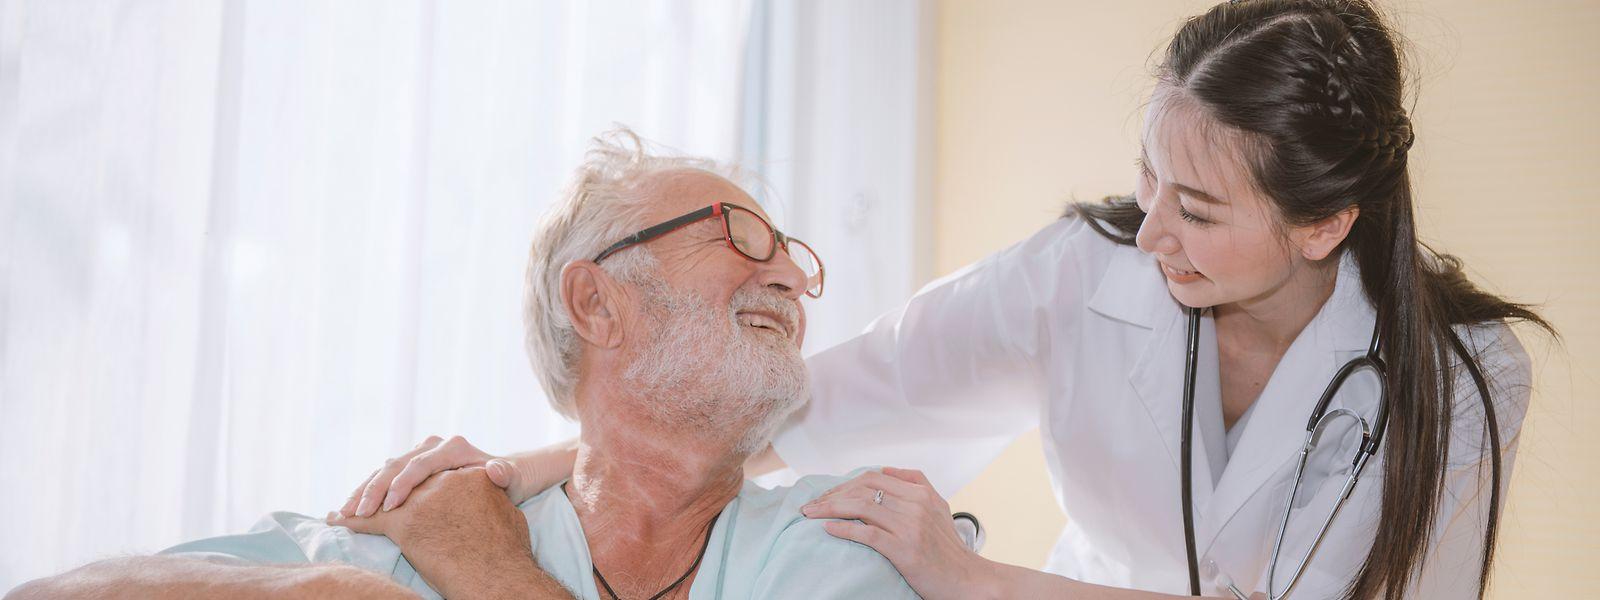 Offizielle Zahlen fehlen, aber nach Schätzungen leben mehrere tausend Senioren aus deutschsprachigen Ländern in thailändischen Alters- und Pflegeheimen.